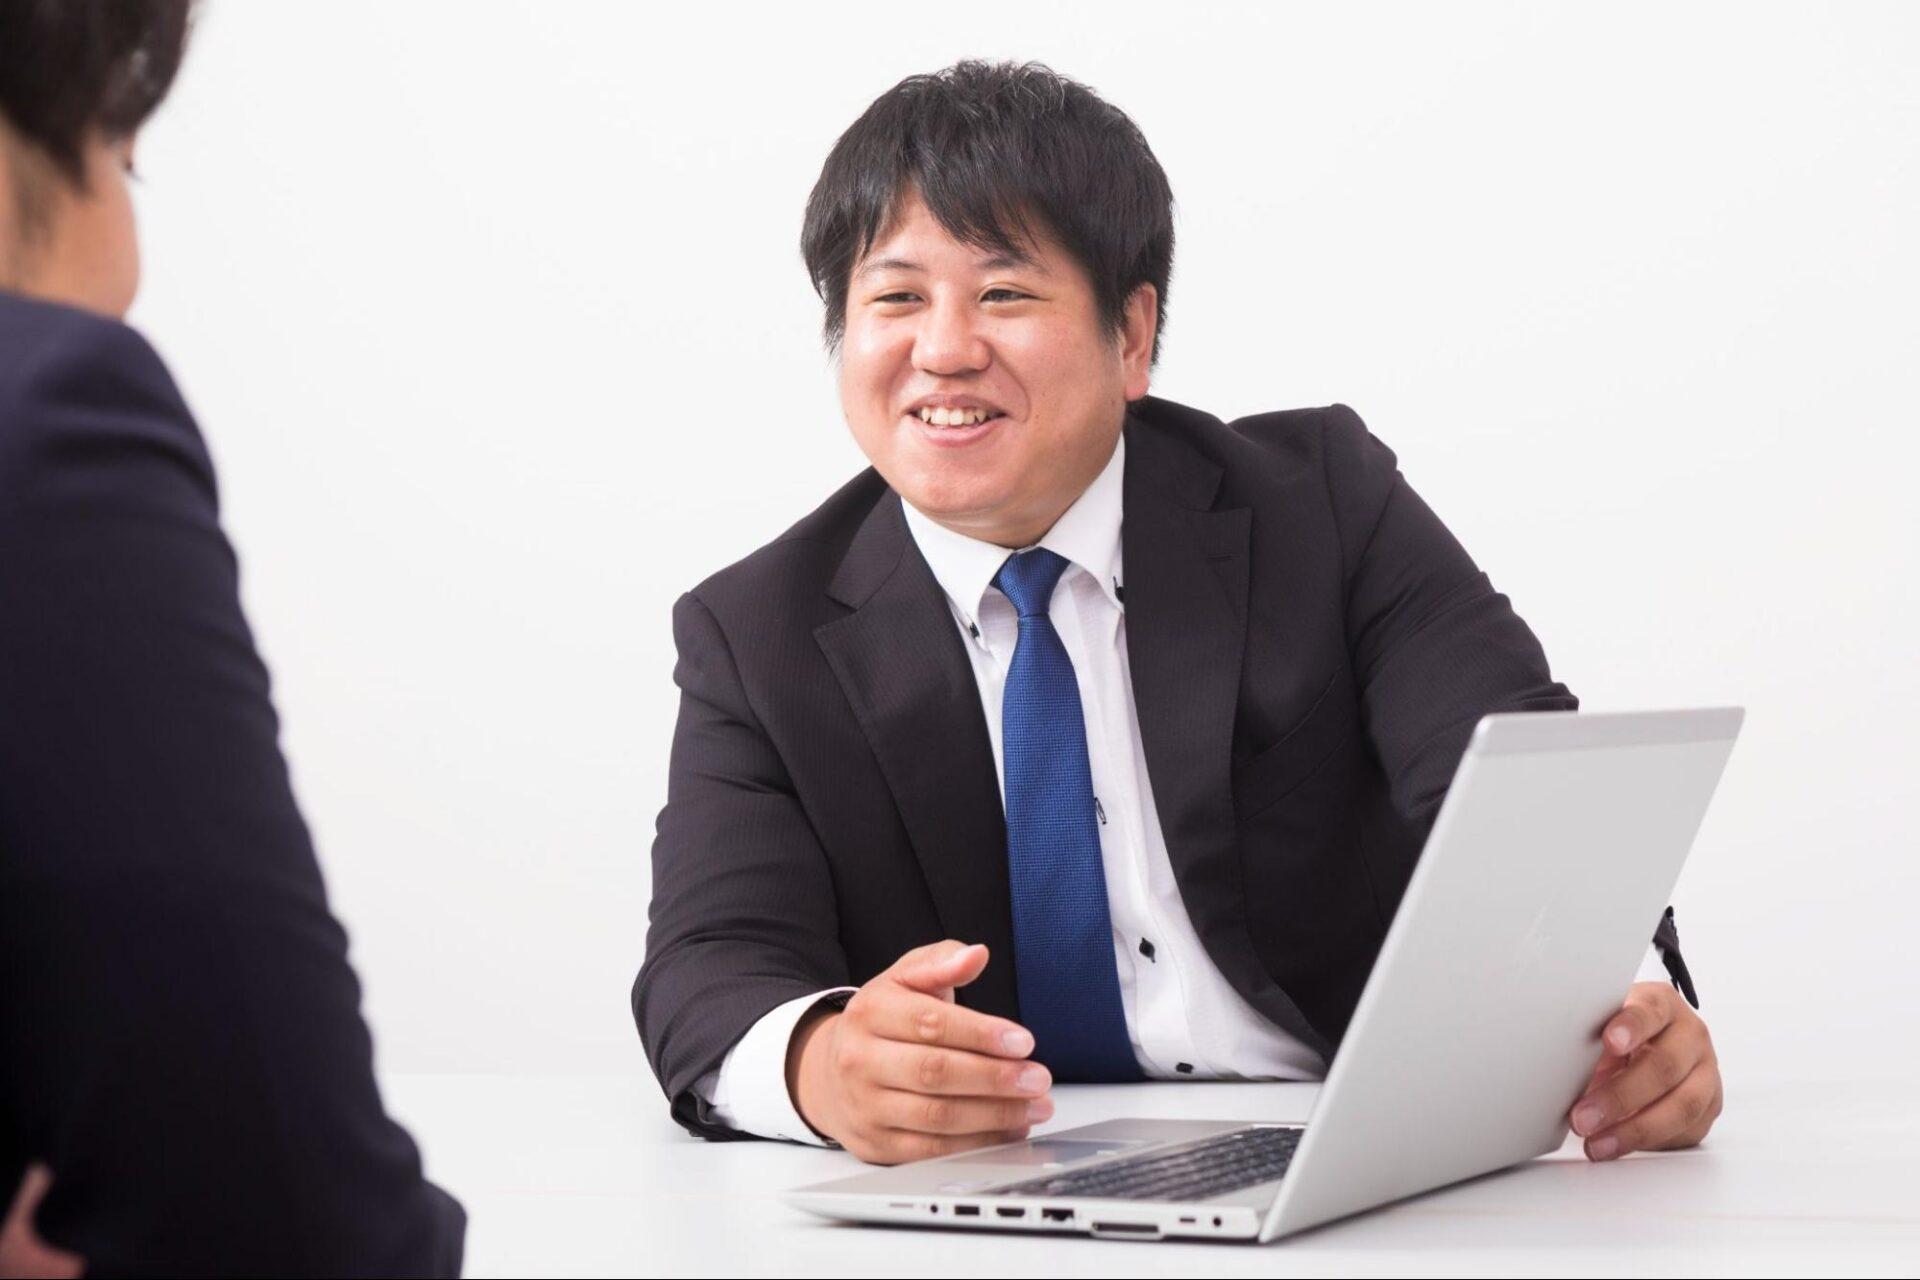 八木 健司郎の写真